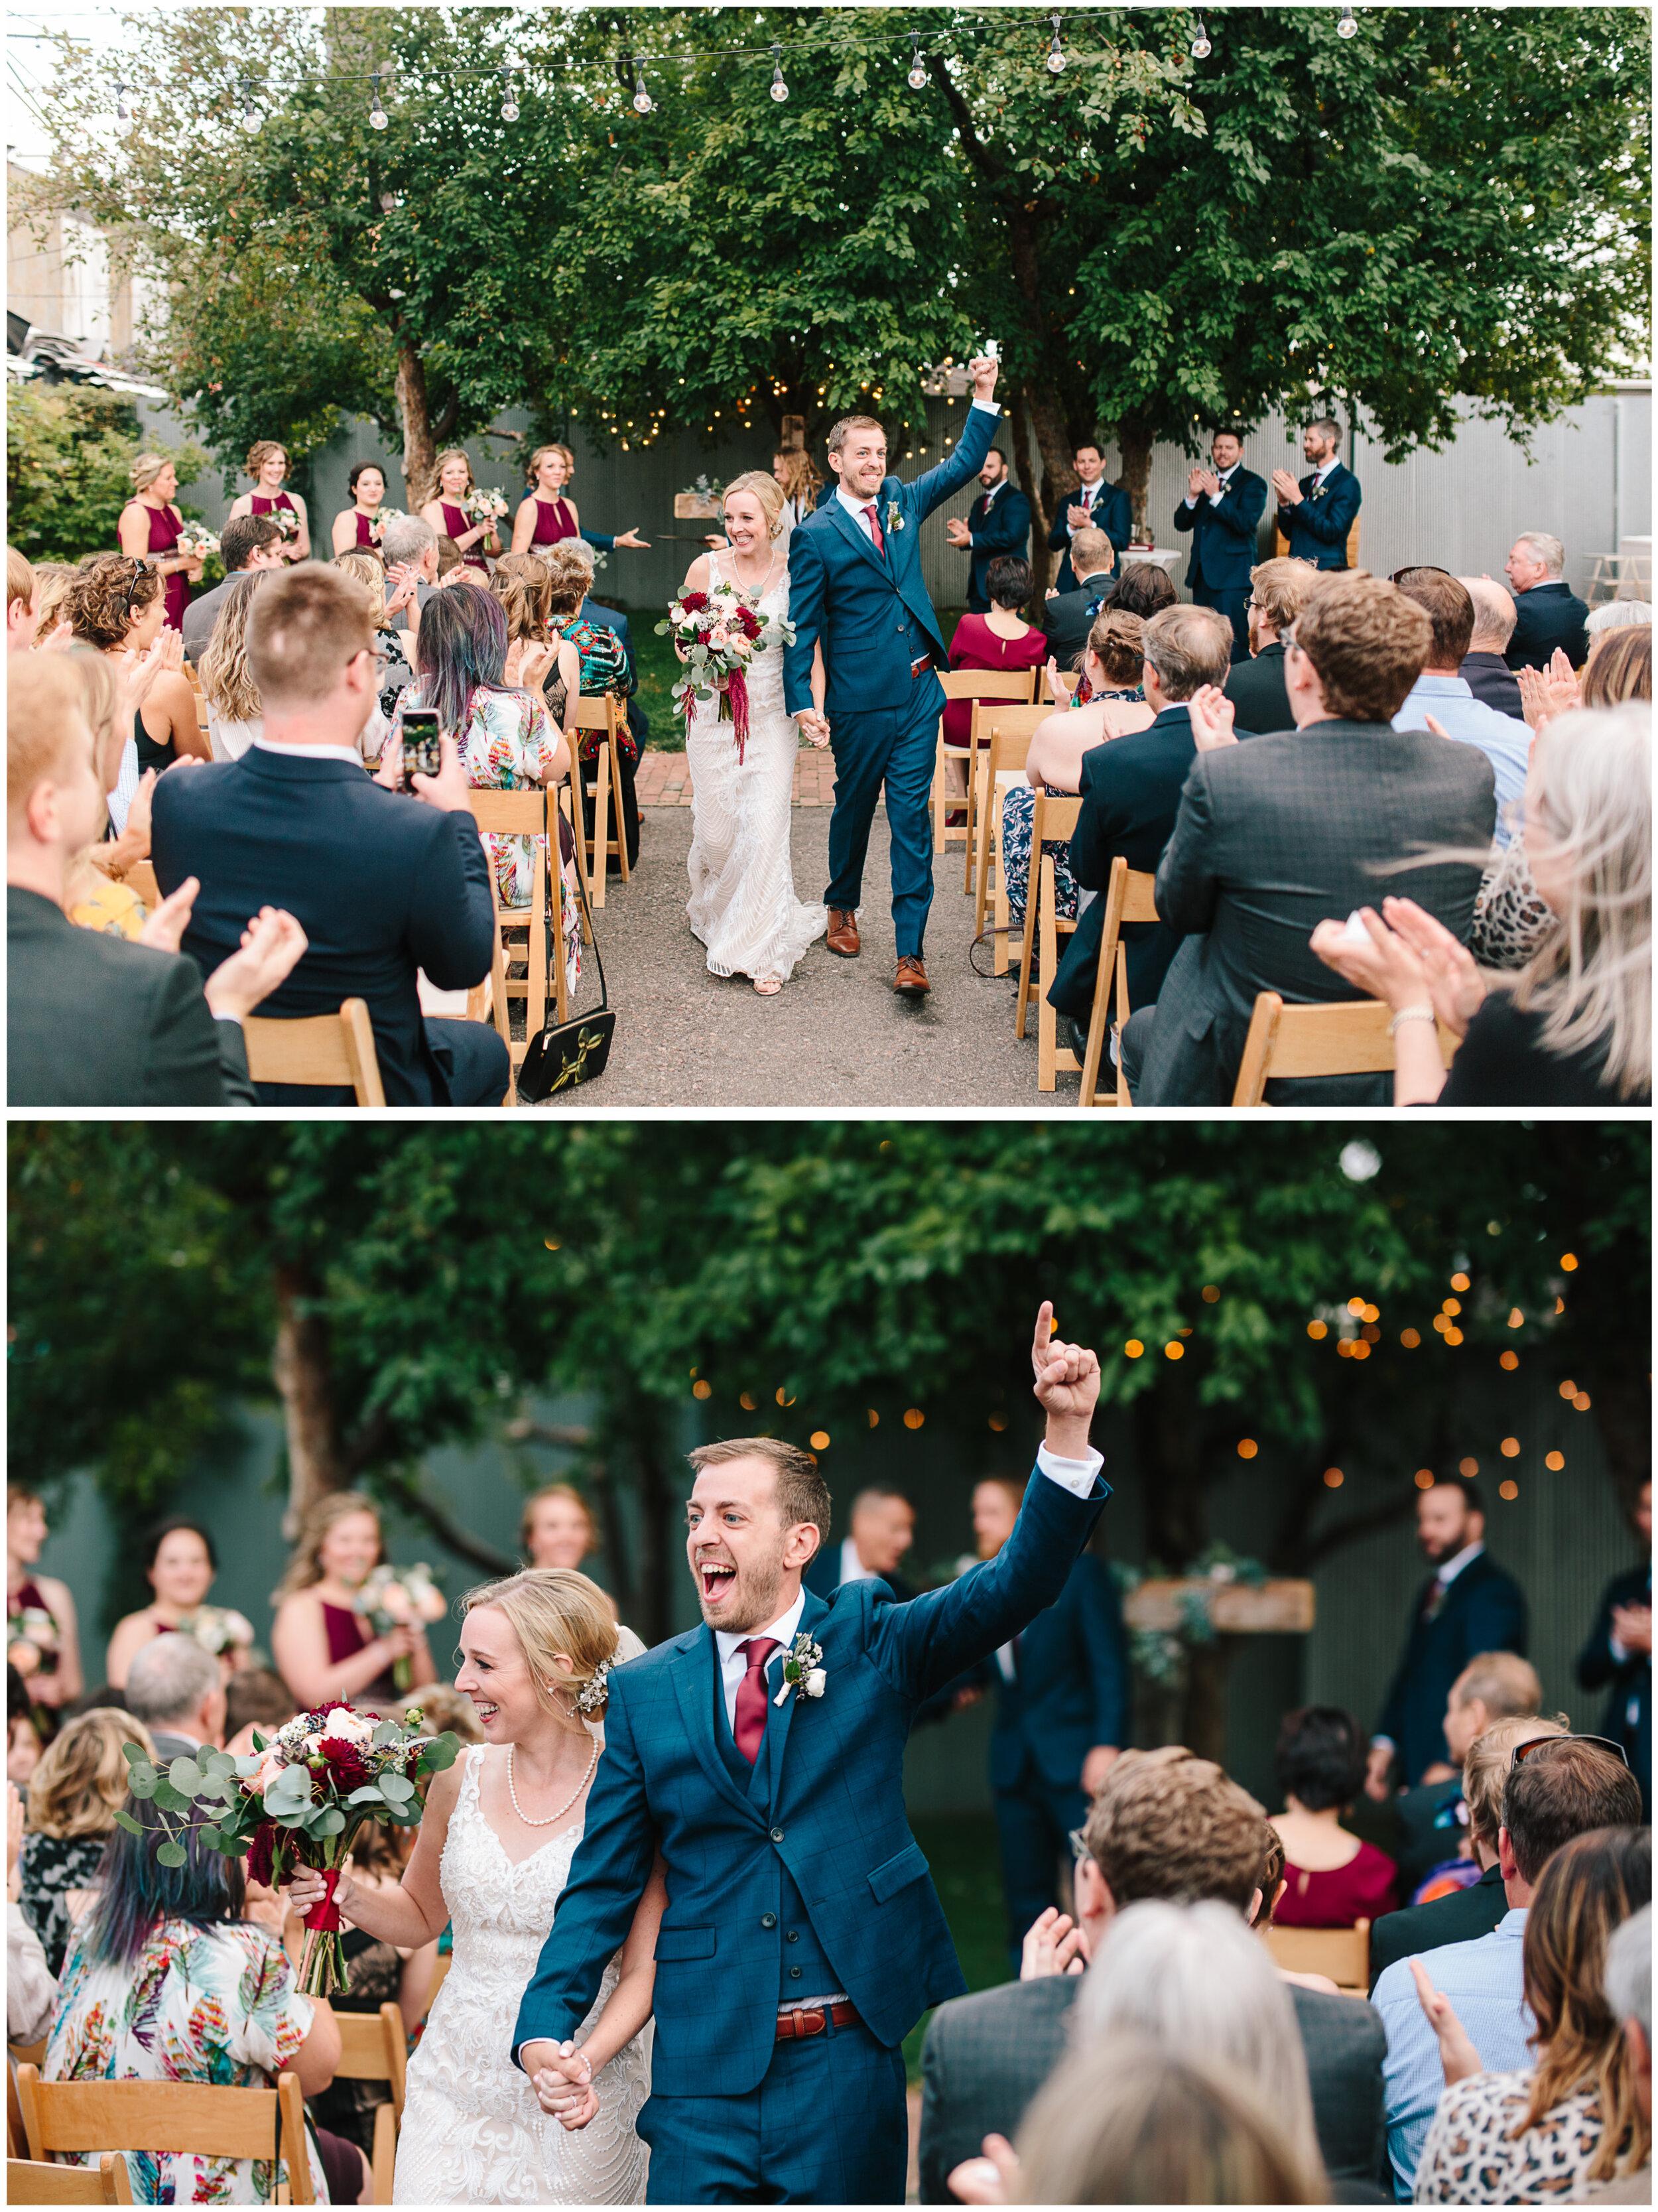 Blanc_Denver_Wedding_51.jpg